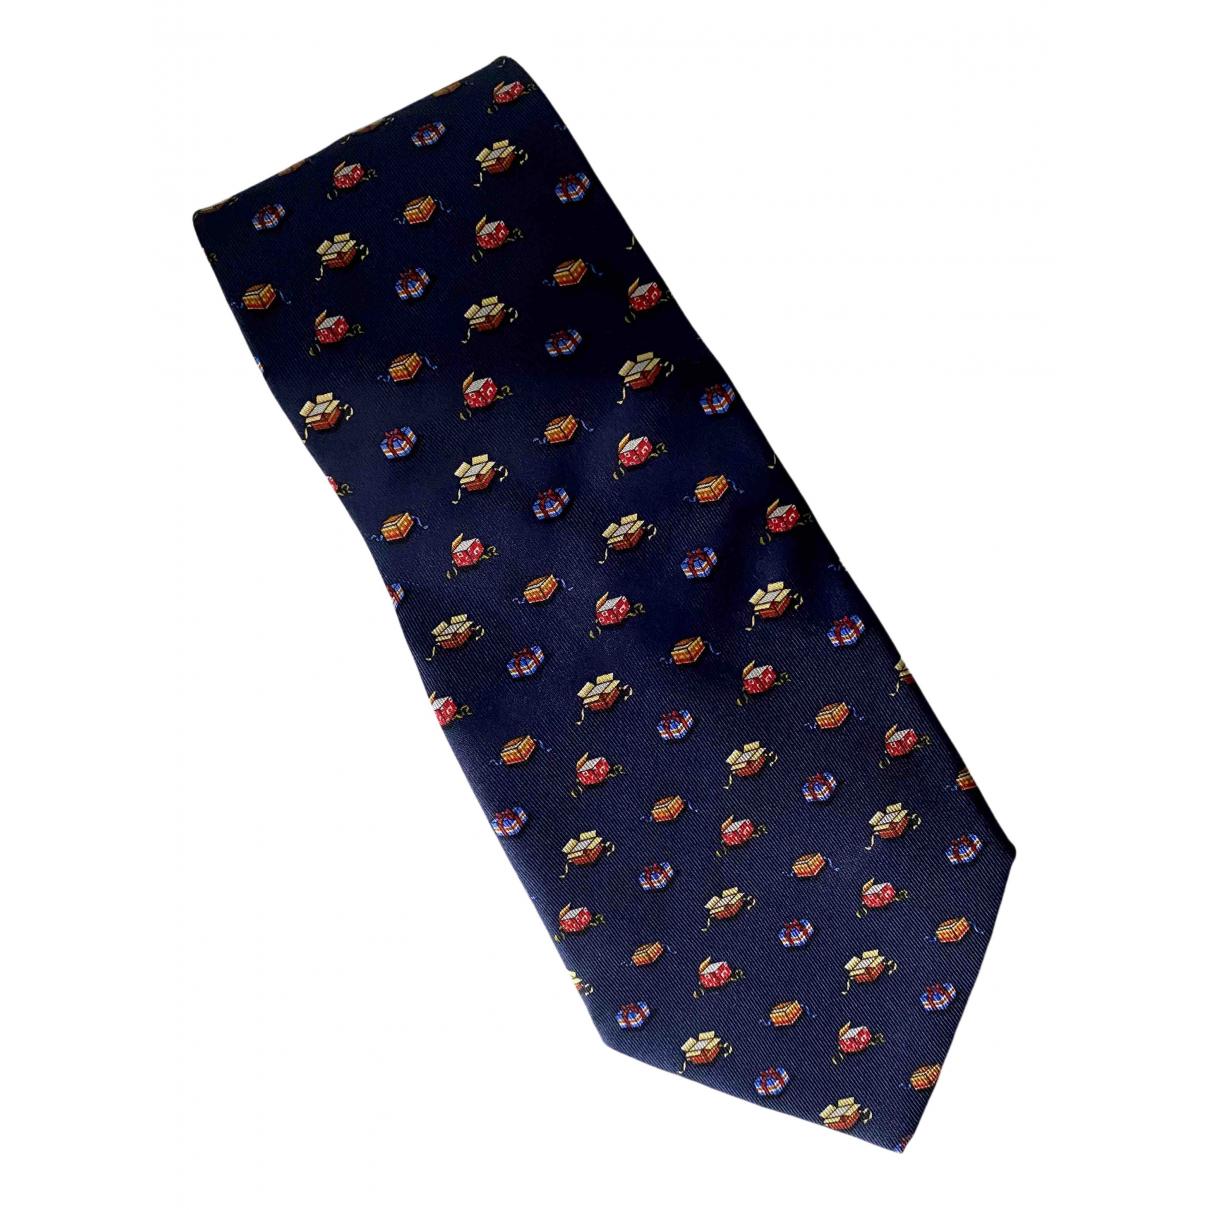 Salvatore Ferragamo - Cravates   pour homme en soie - anthracite